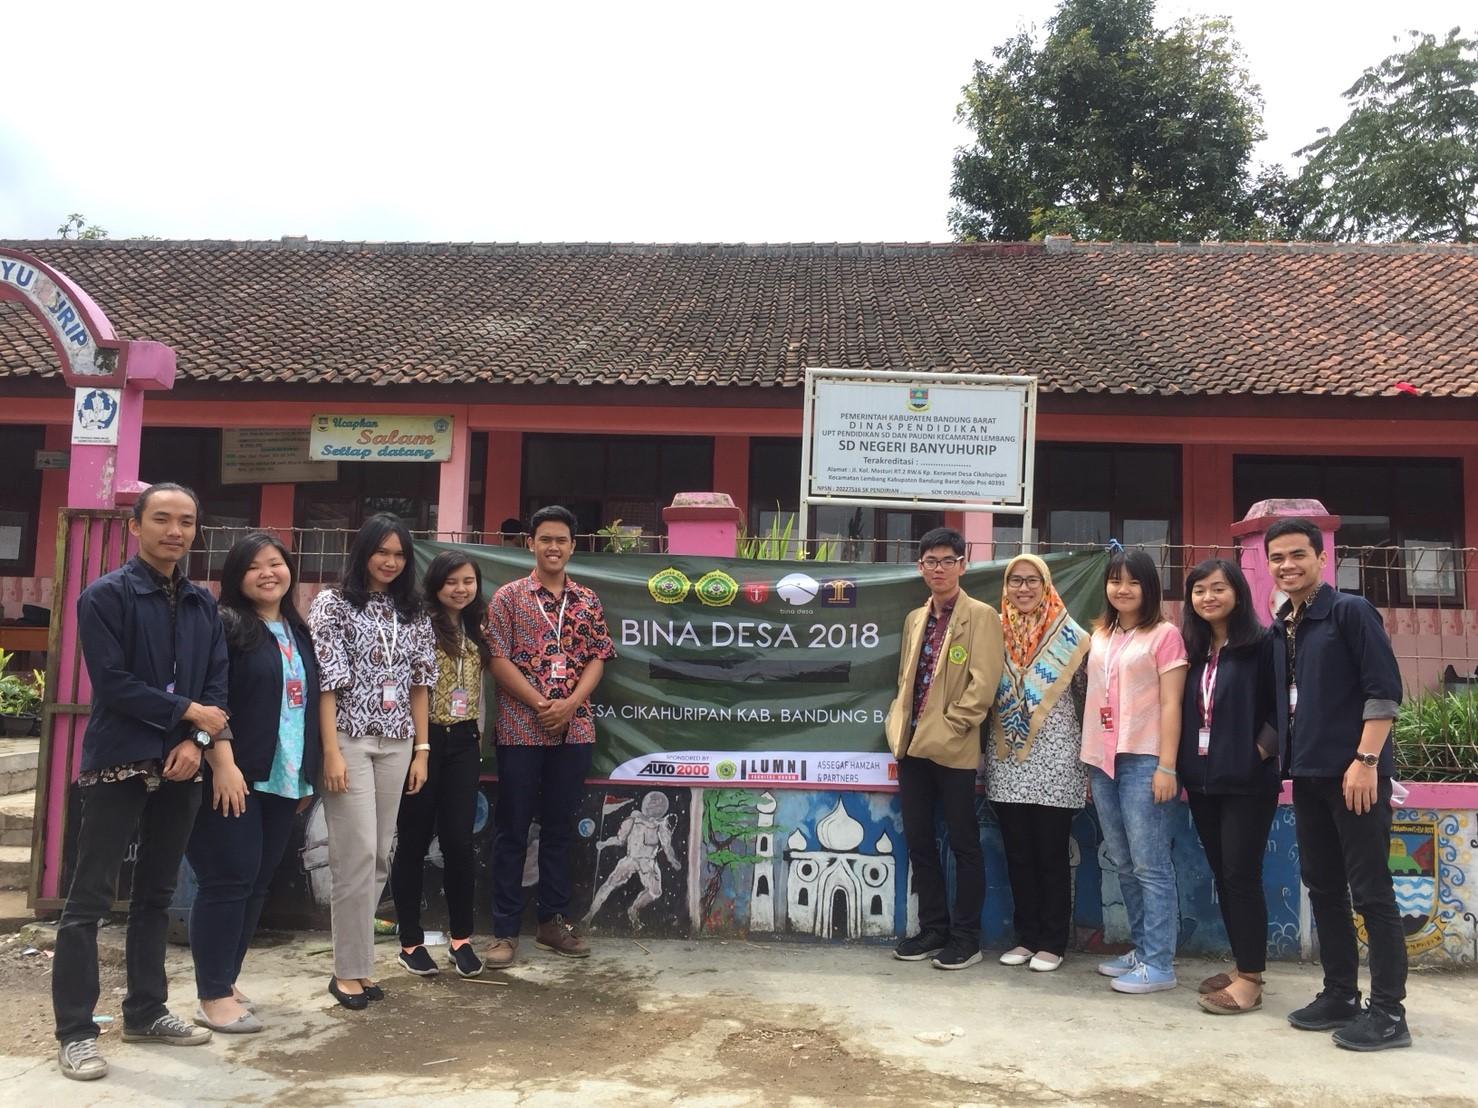 Klinik Hukum dalam Kegiatan Bina Desa 2018